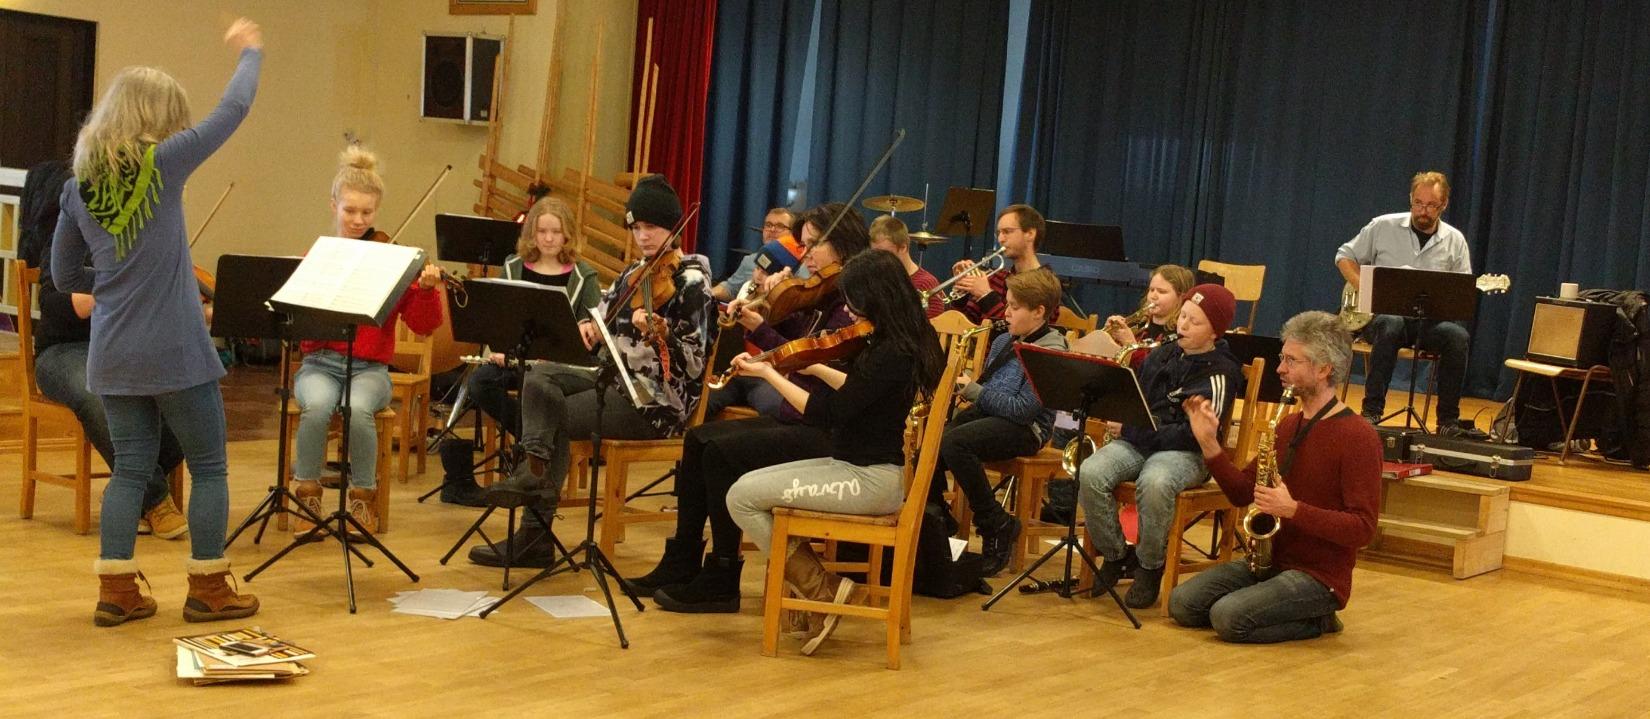 Ungdomsorkestern på musikläger i Evertsberg